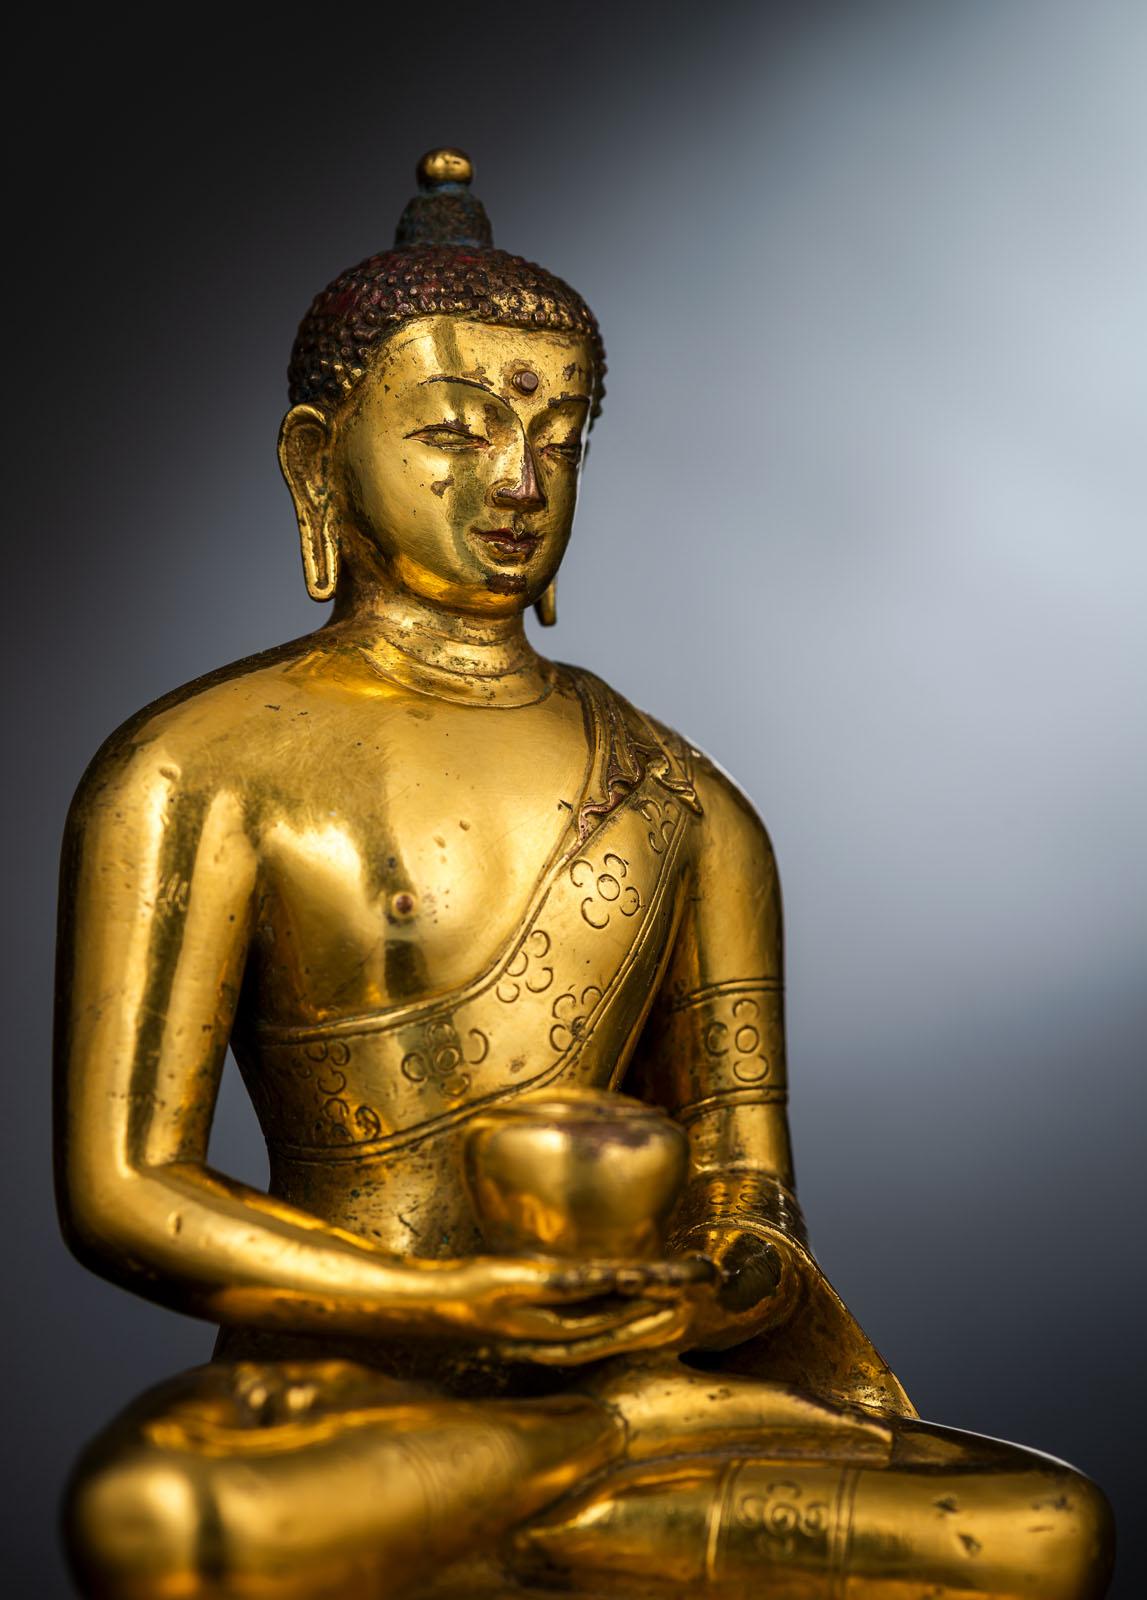 A FINE GILT-BRONZE FIGURE OF BUDDHA SHAKYAMUNI IN ZANABAZAR STYLE - Image 2 of 10